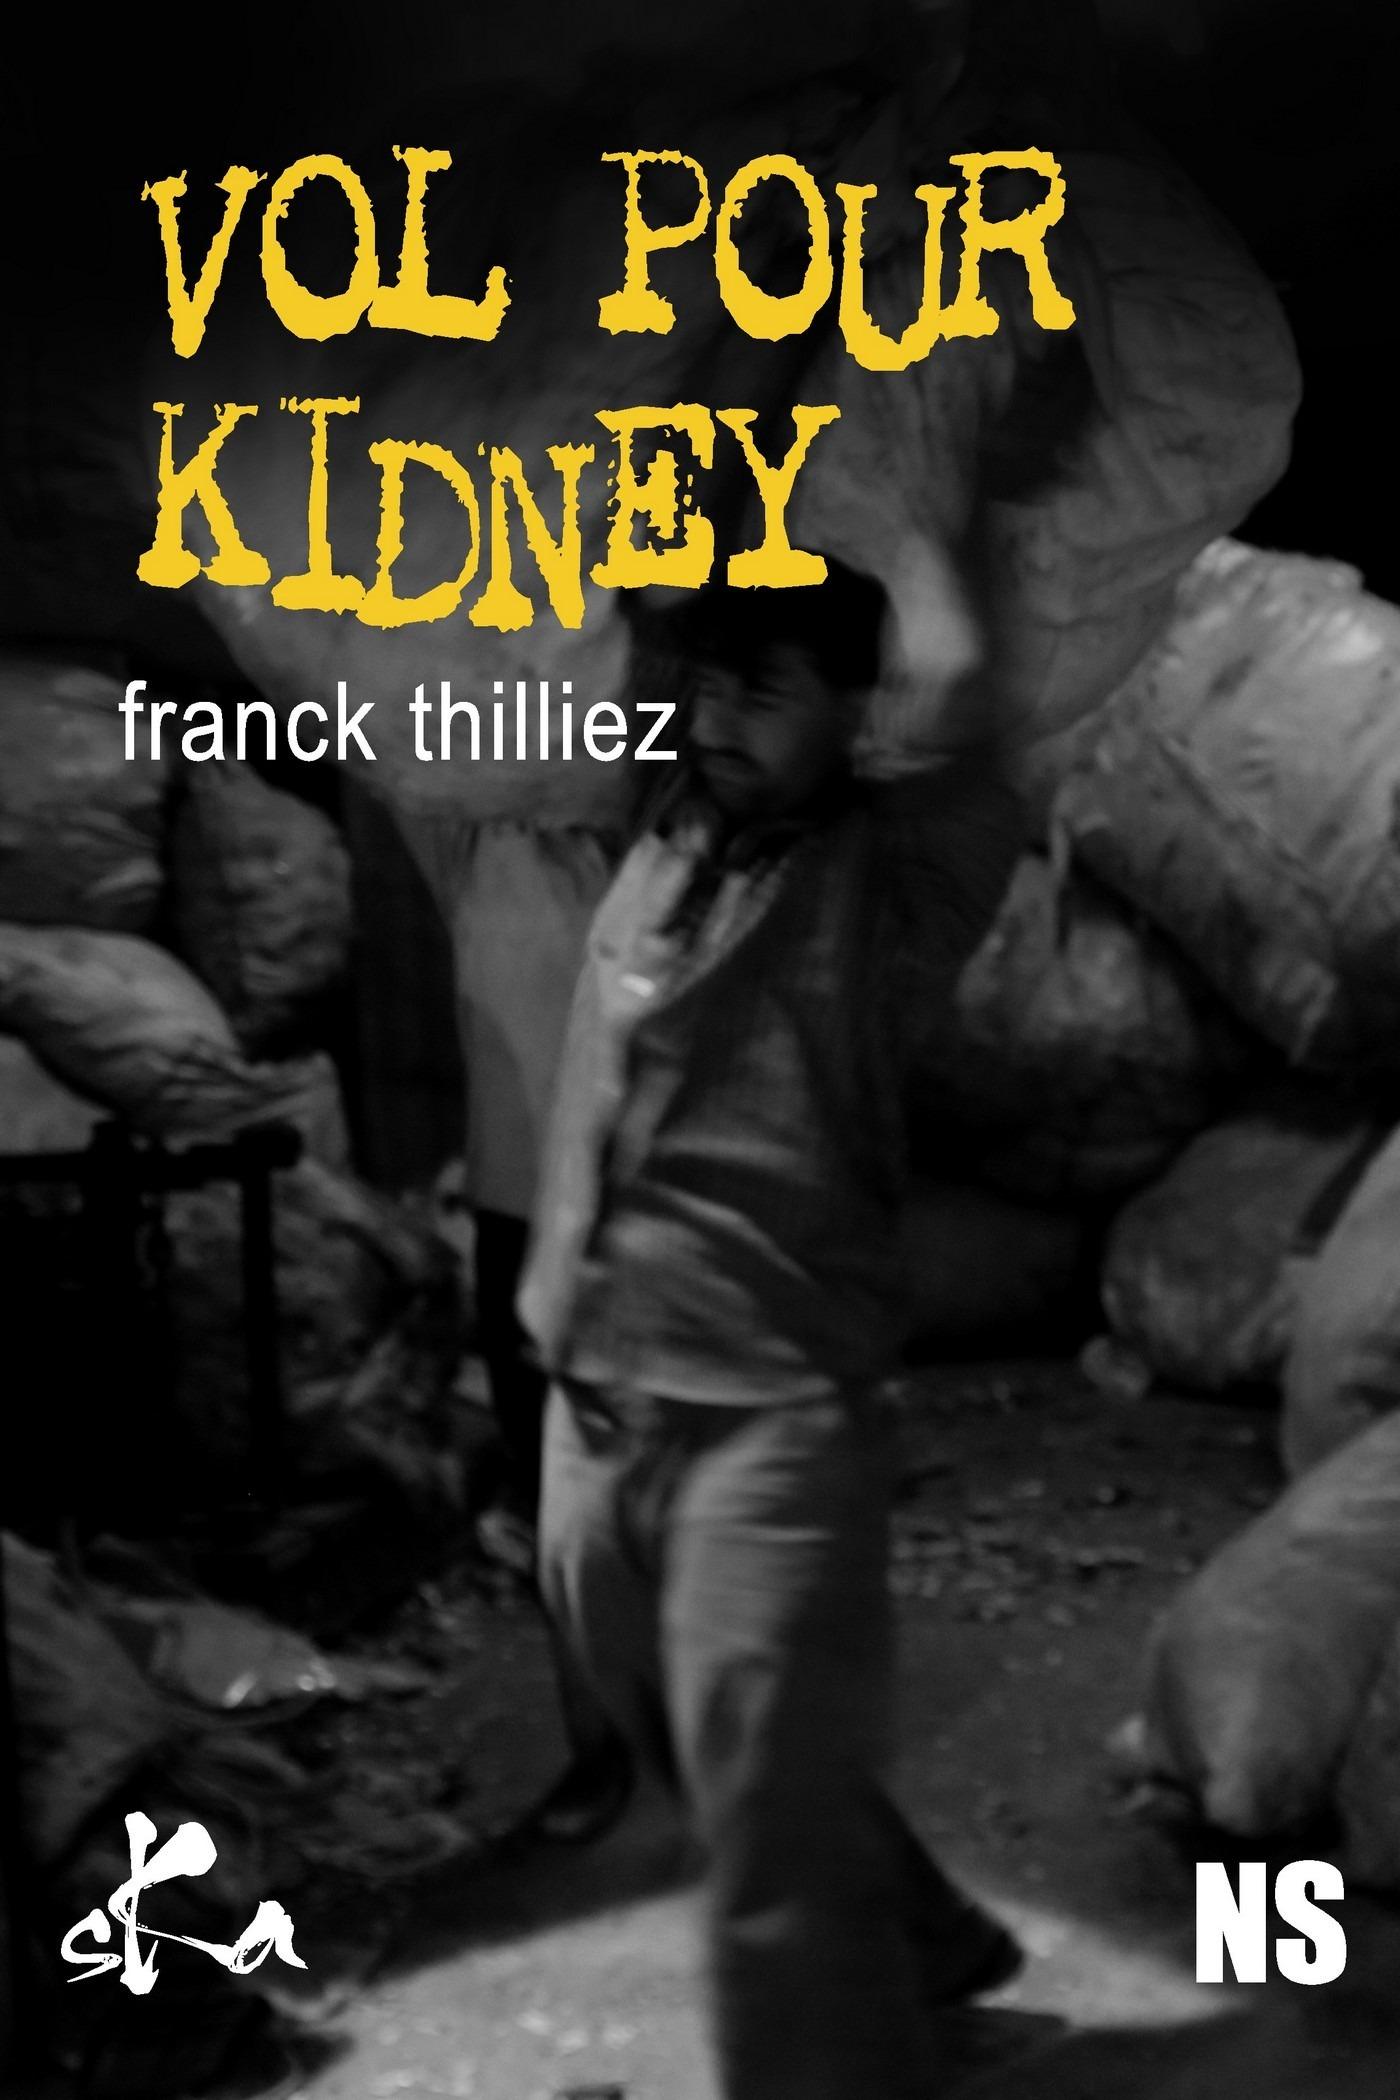 Vol pour Kidney  - Franck Thilliez